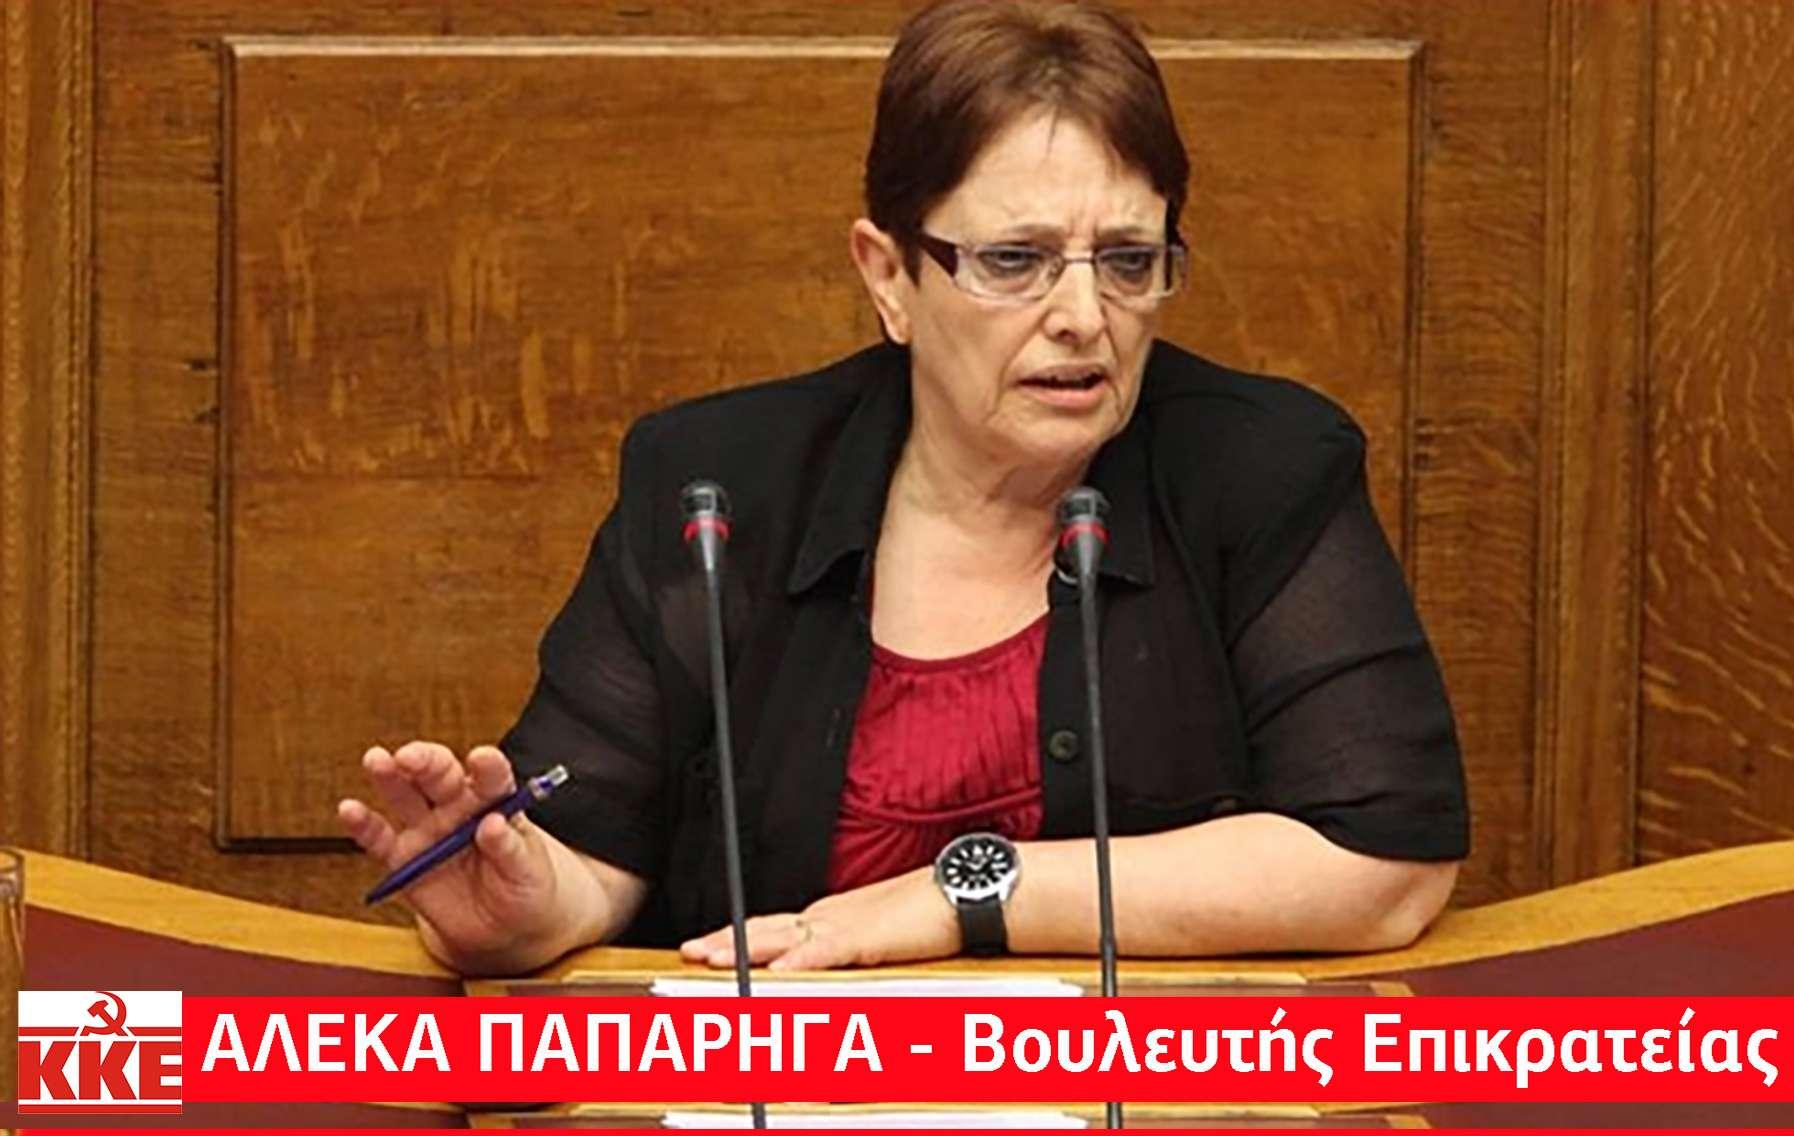 ΚΚΕ: Ο λαός πρέπει να κατηγορήσει και να τιμωρήσει